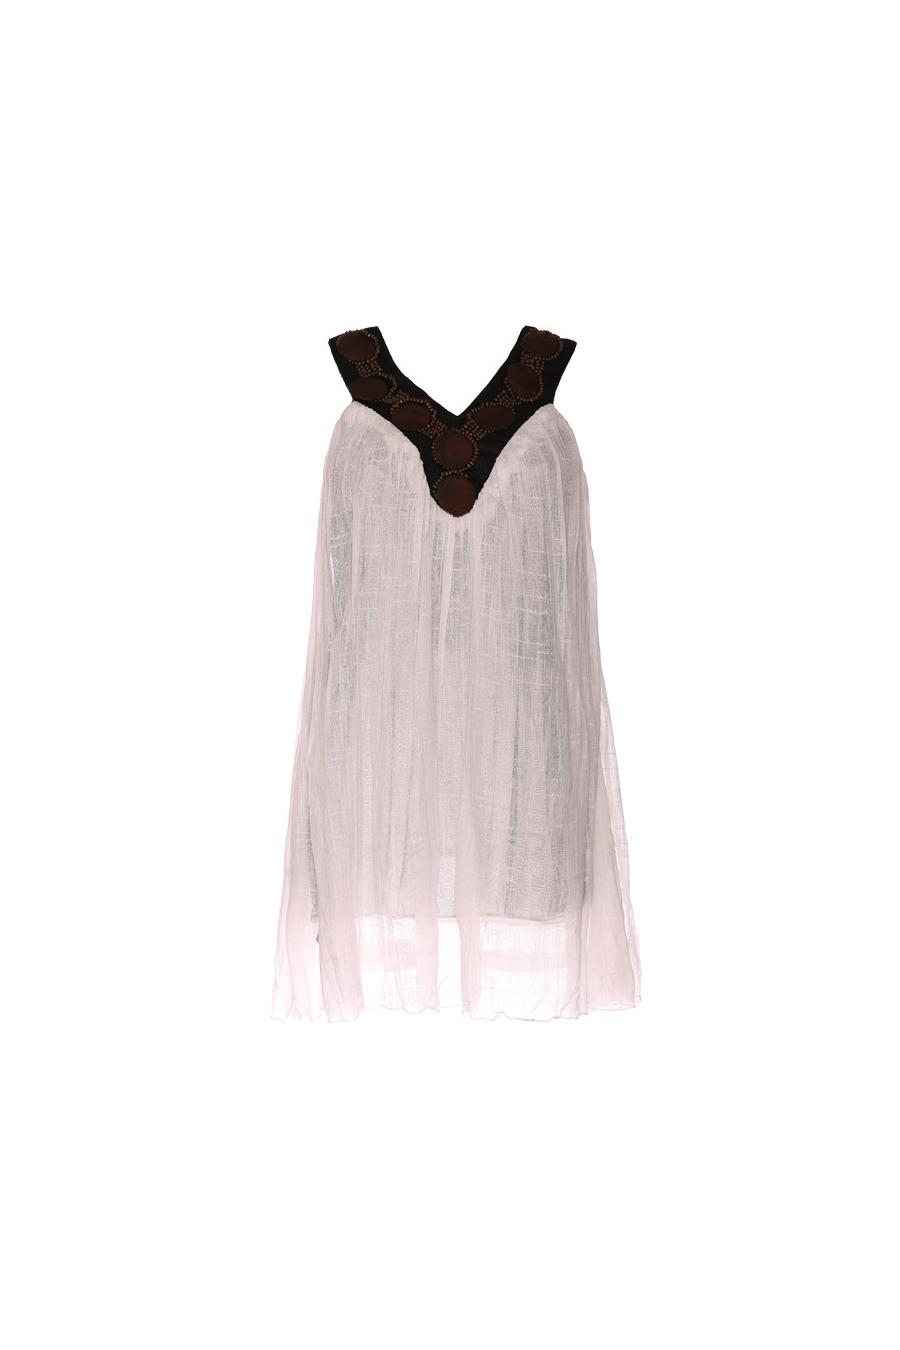 Tunique blanche femme avec perles marron au col. Vêtements femme fashion. 1319